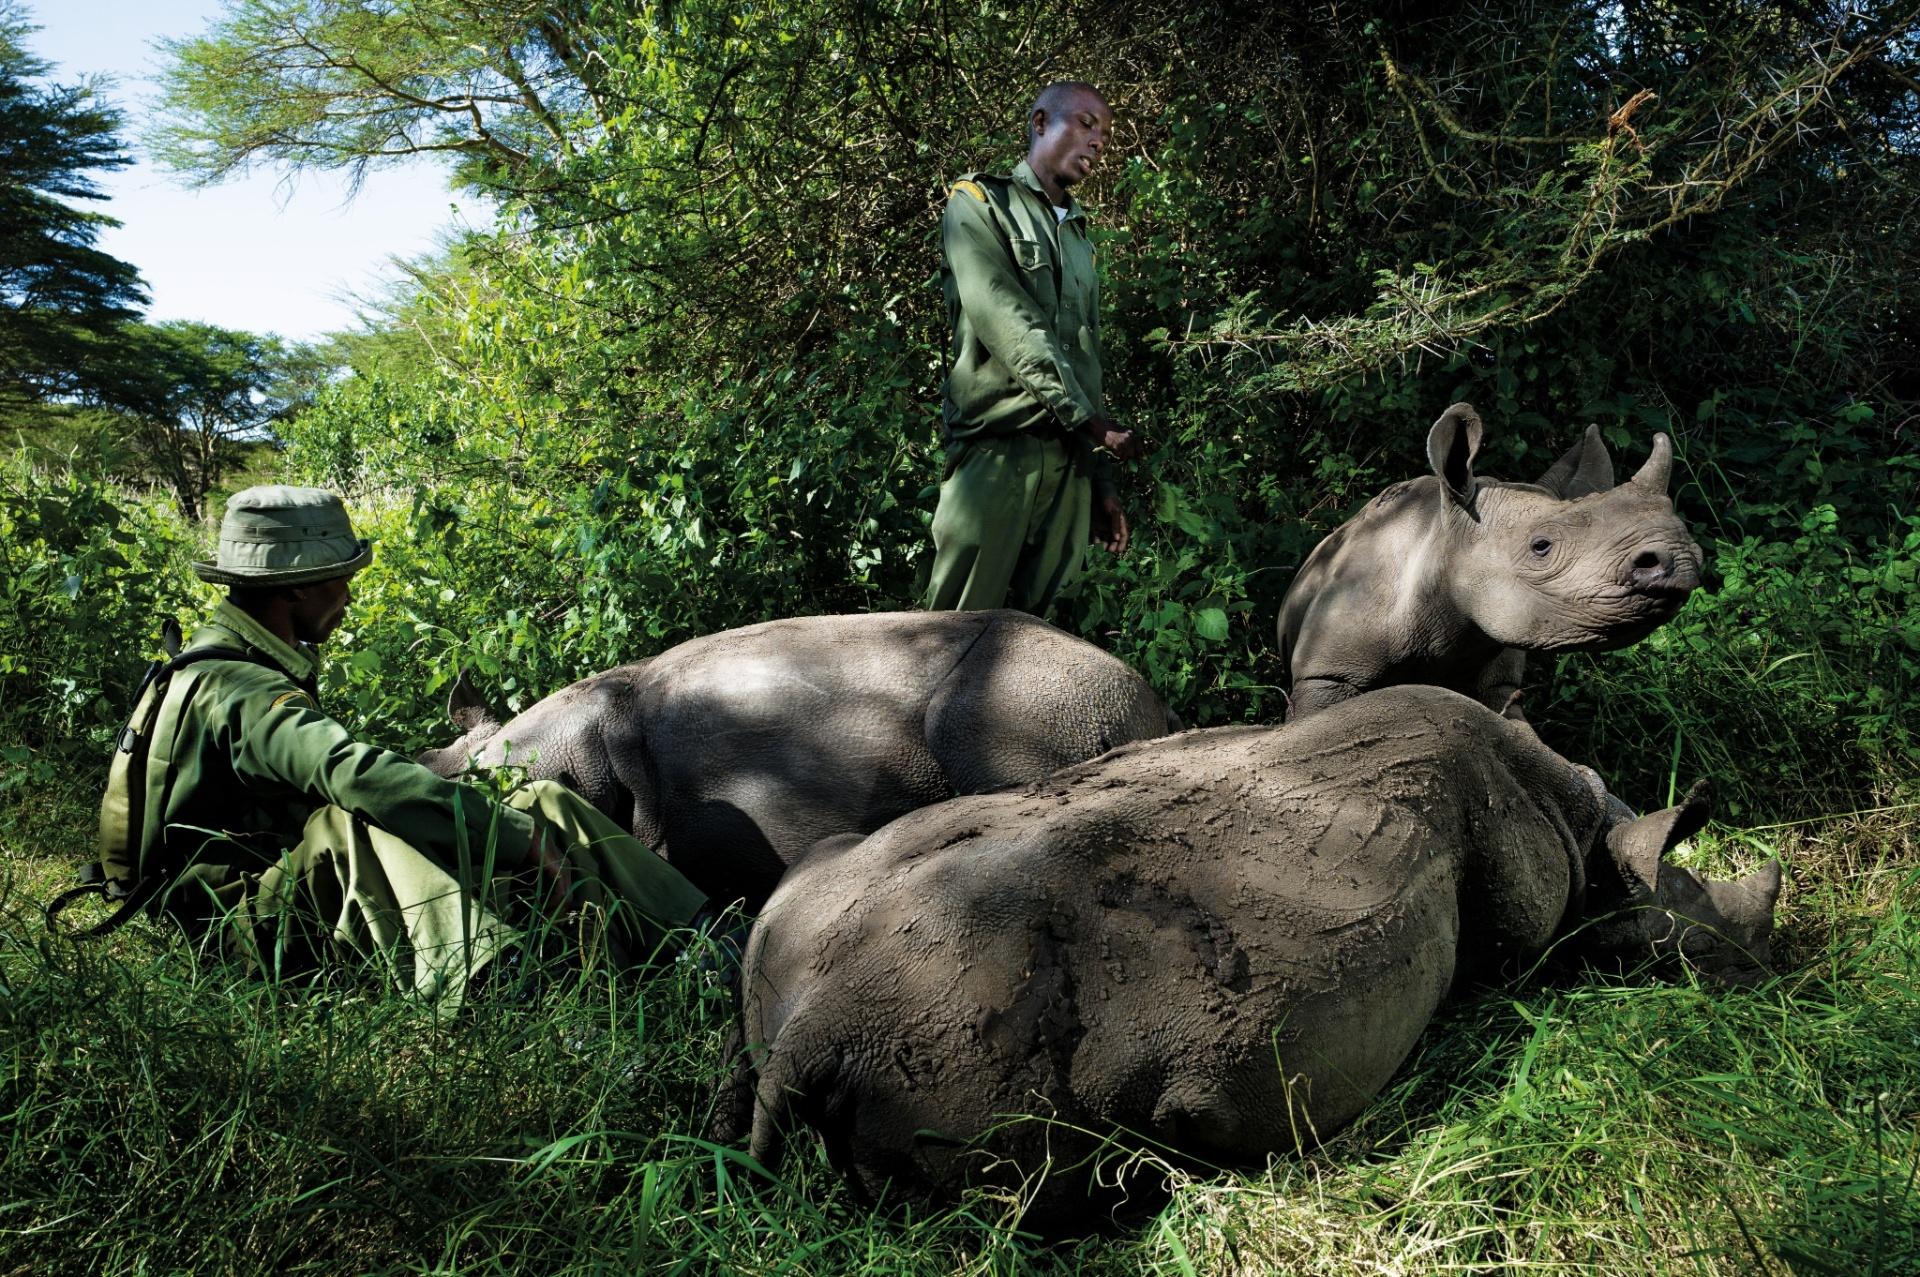 24.mar.2016 - Guardas florestais cuidam de rinocerontes órfãos no Quênia. A imagem foi tirada por Érico Hiller, fotógrafo documental brasileiro que viajou por dois anos para países como Índia, Vietnã, Zimbábue, Moçambique, África do Sul e Quênia para registrar o drama da caça de rinocerontes e do comércio ilegal de seus chifres